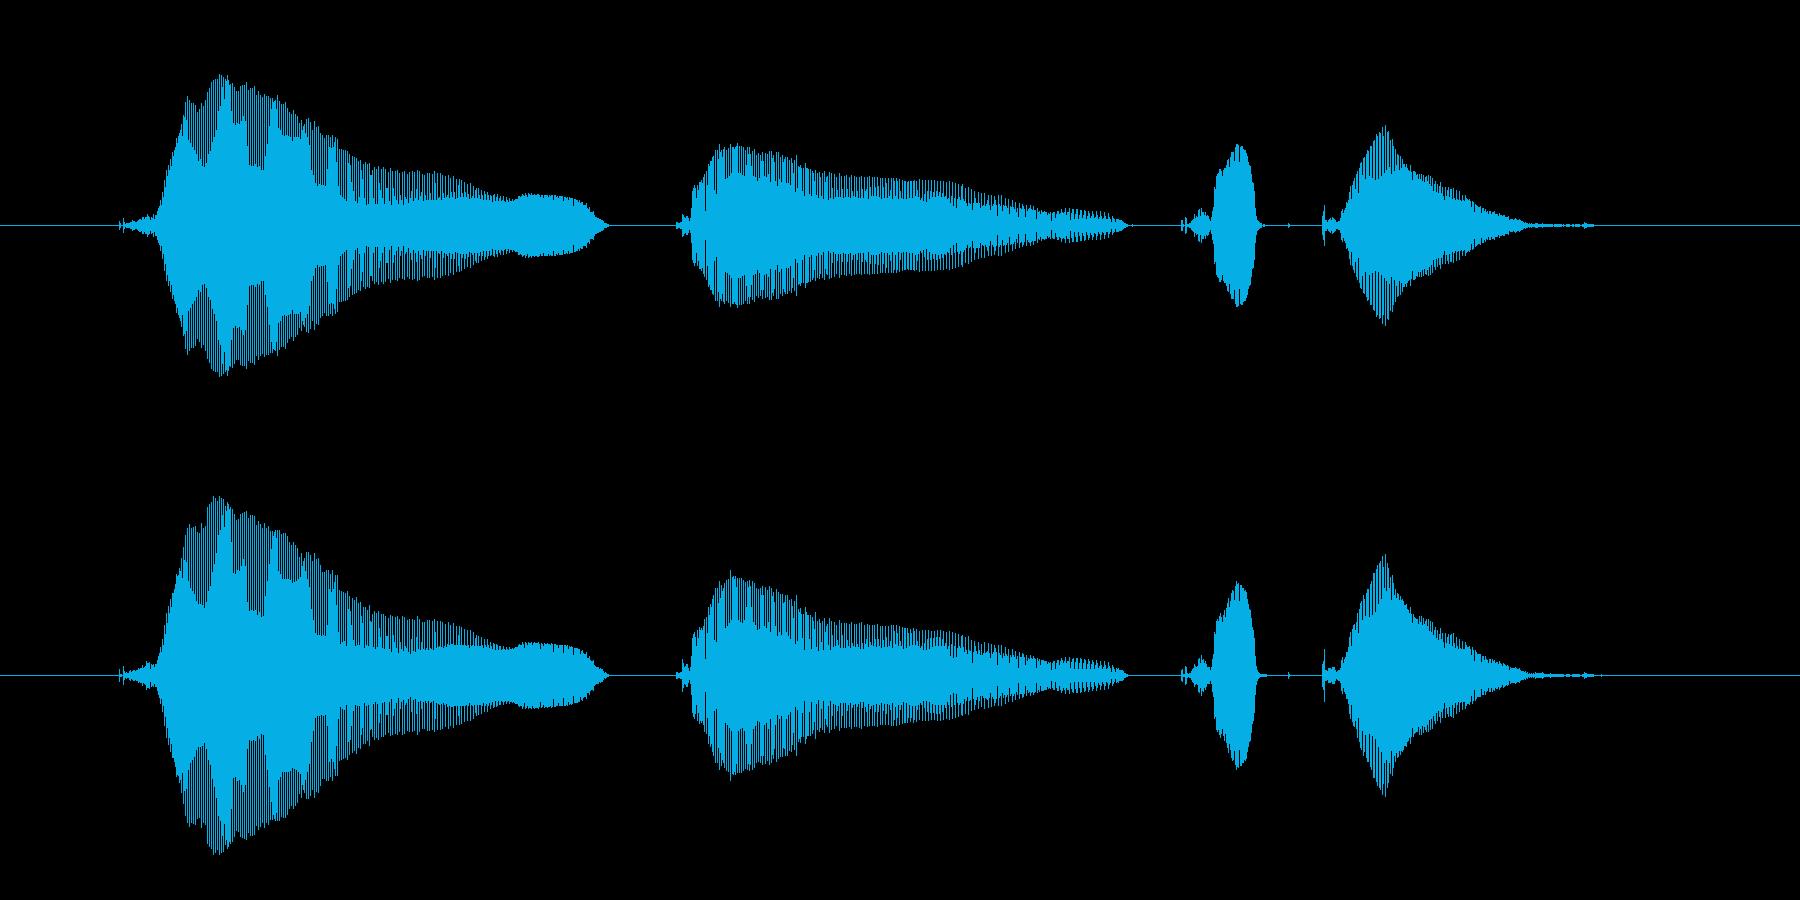 【じゃんけん】「じゃーんけーん、ちょき…の再生済みの波形